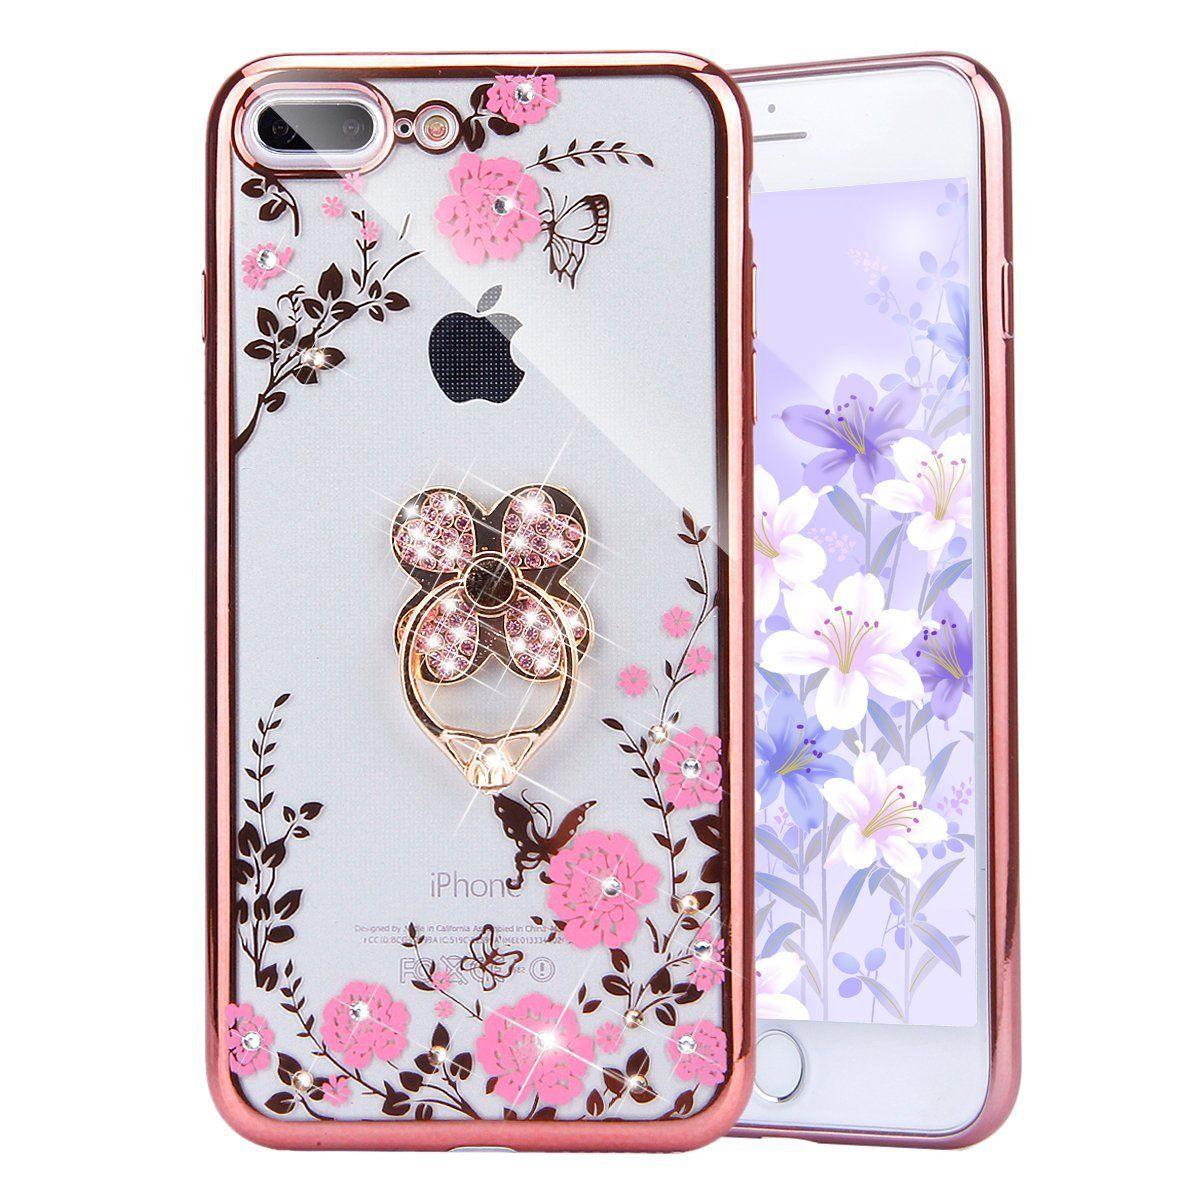 newest a2d27 e5e84 Amazon.com: iPhone 7 Plus Case, PHEZEN iPhone 7 Plus TPU Case Luxury ...